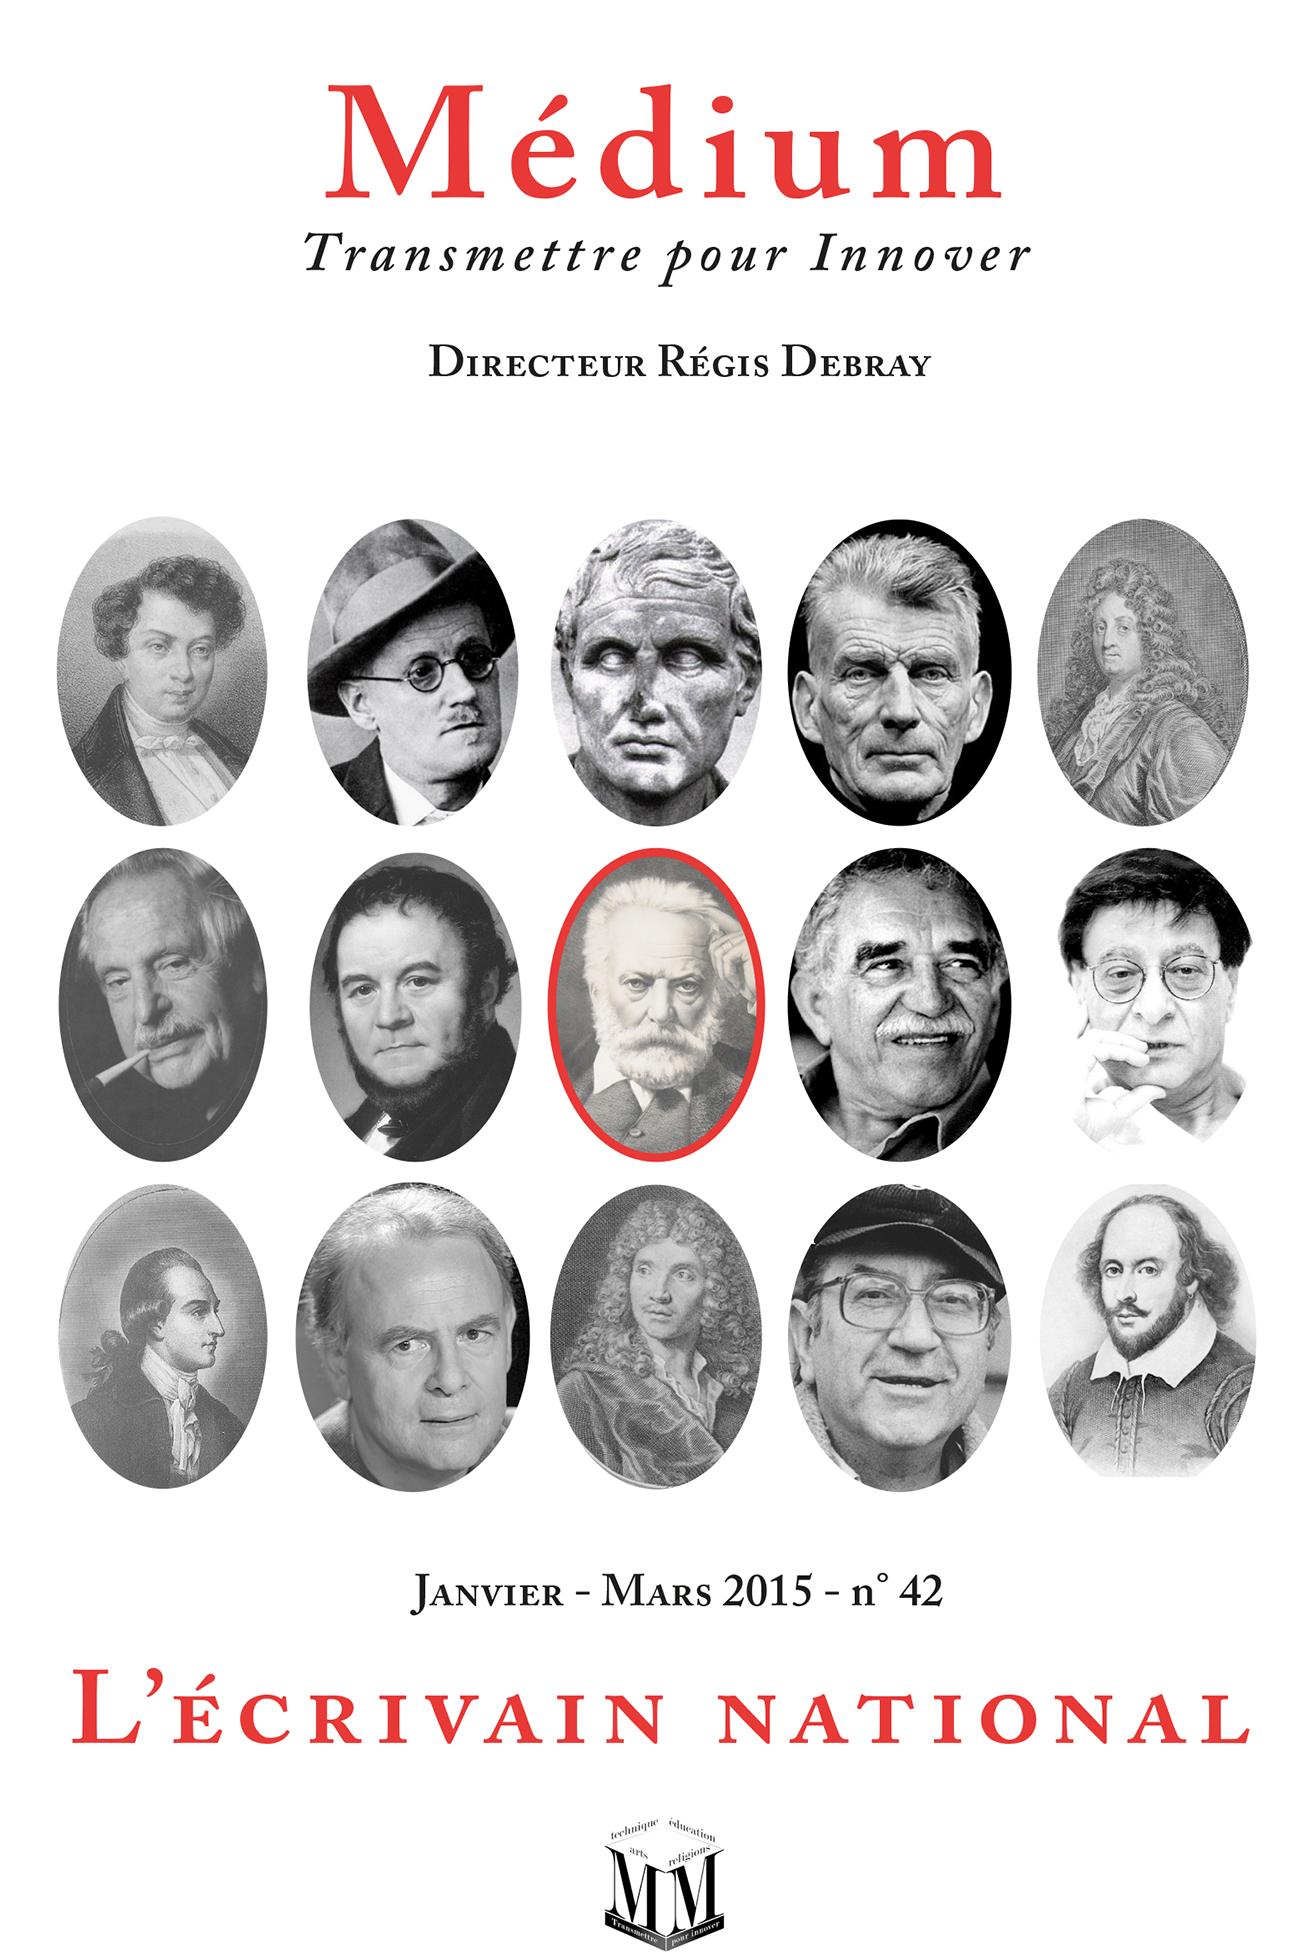 L'écrivain national (Médium n°42, janvier-mars 2015)